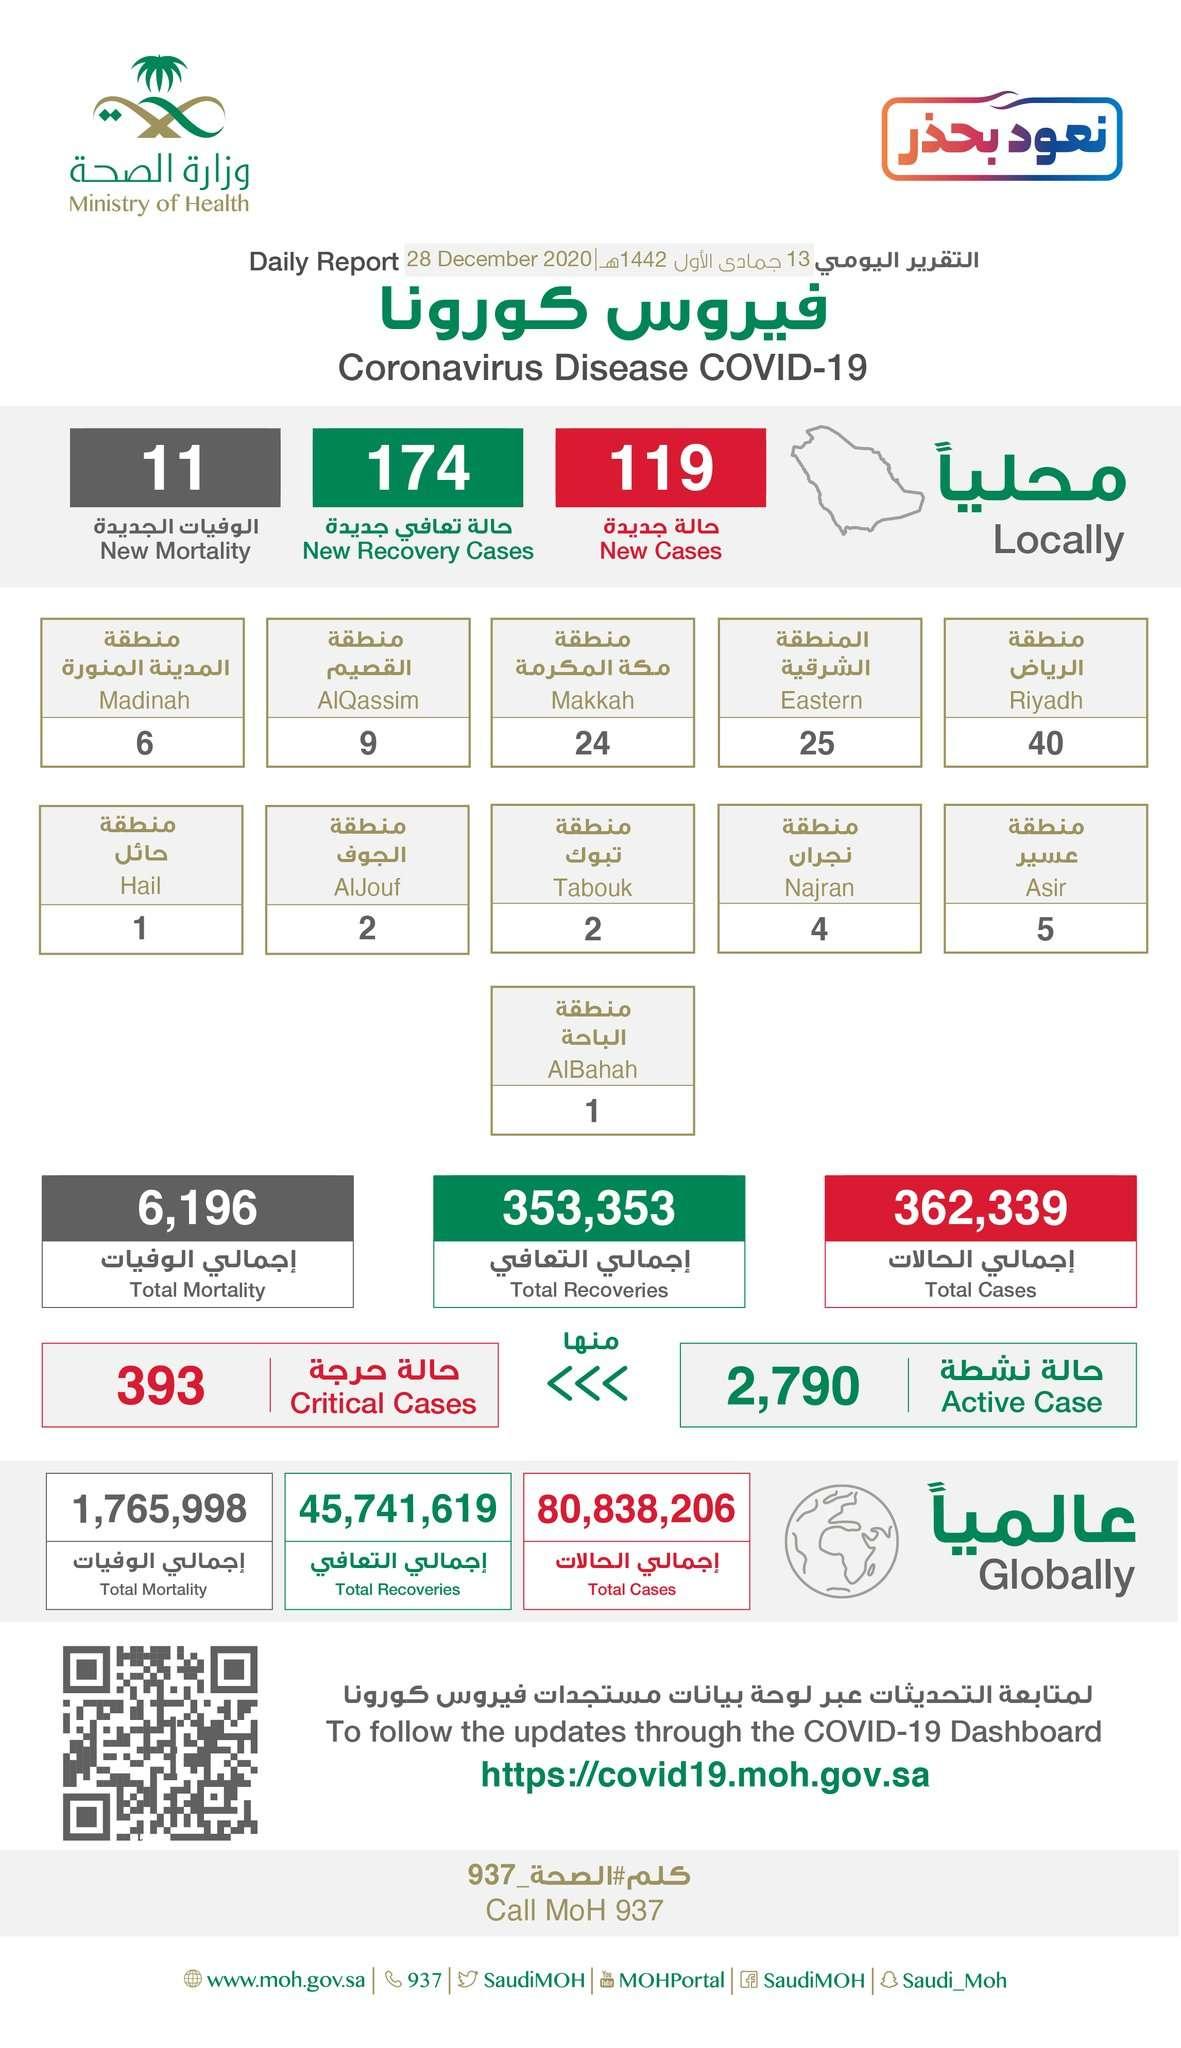 تسجيل 119 إصابة جديدة بكورونا في السعودية.. و 11 وفاة